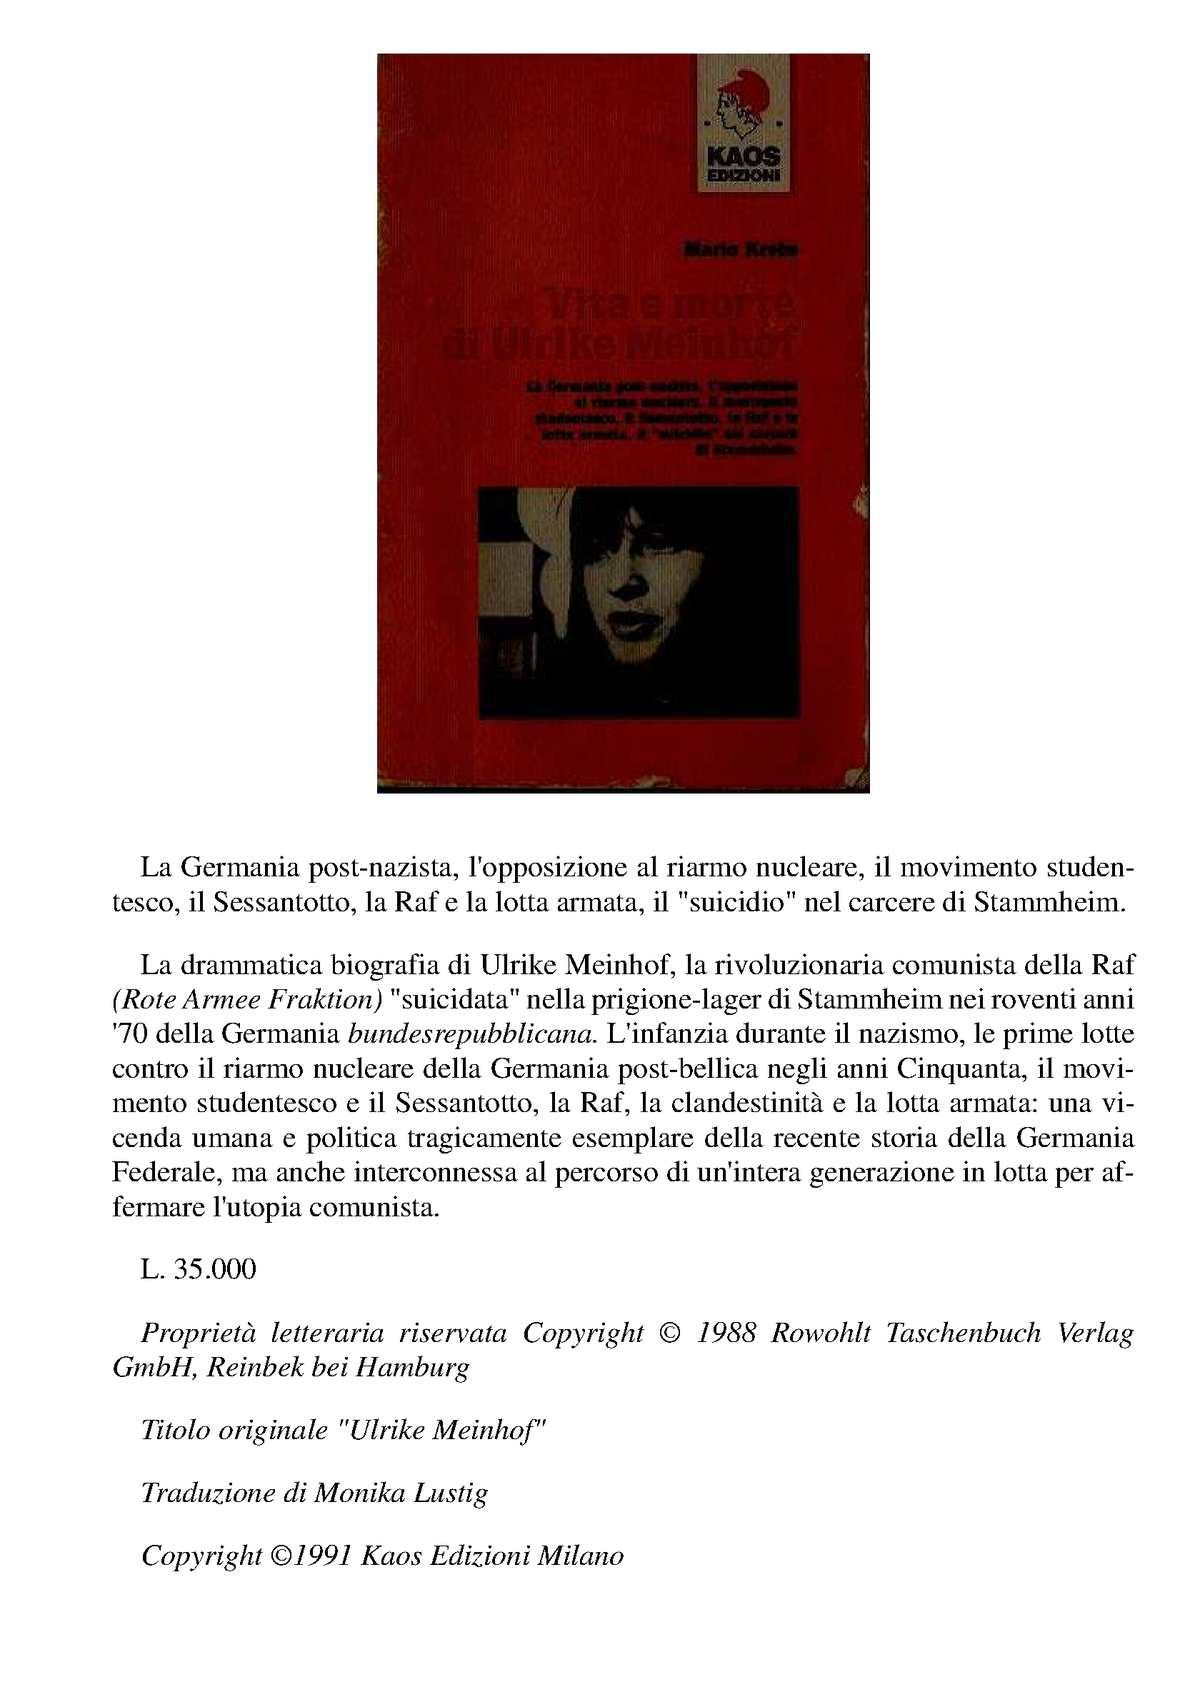 Vita E Morte Di Ulrike Meinhof - Mario Krebs